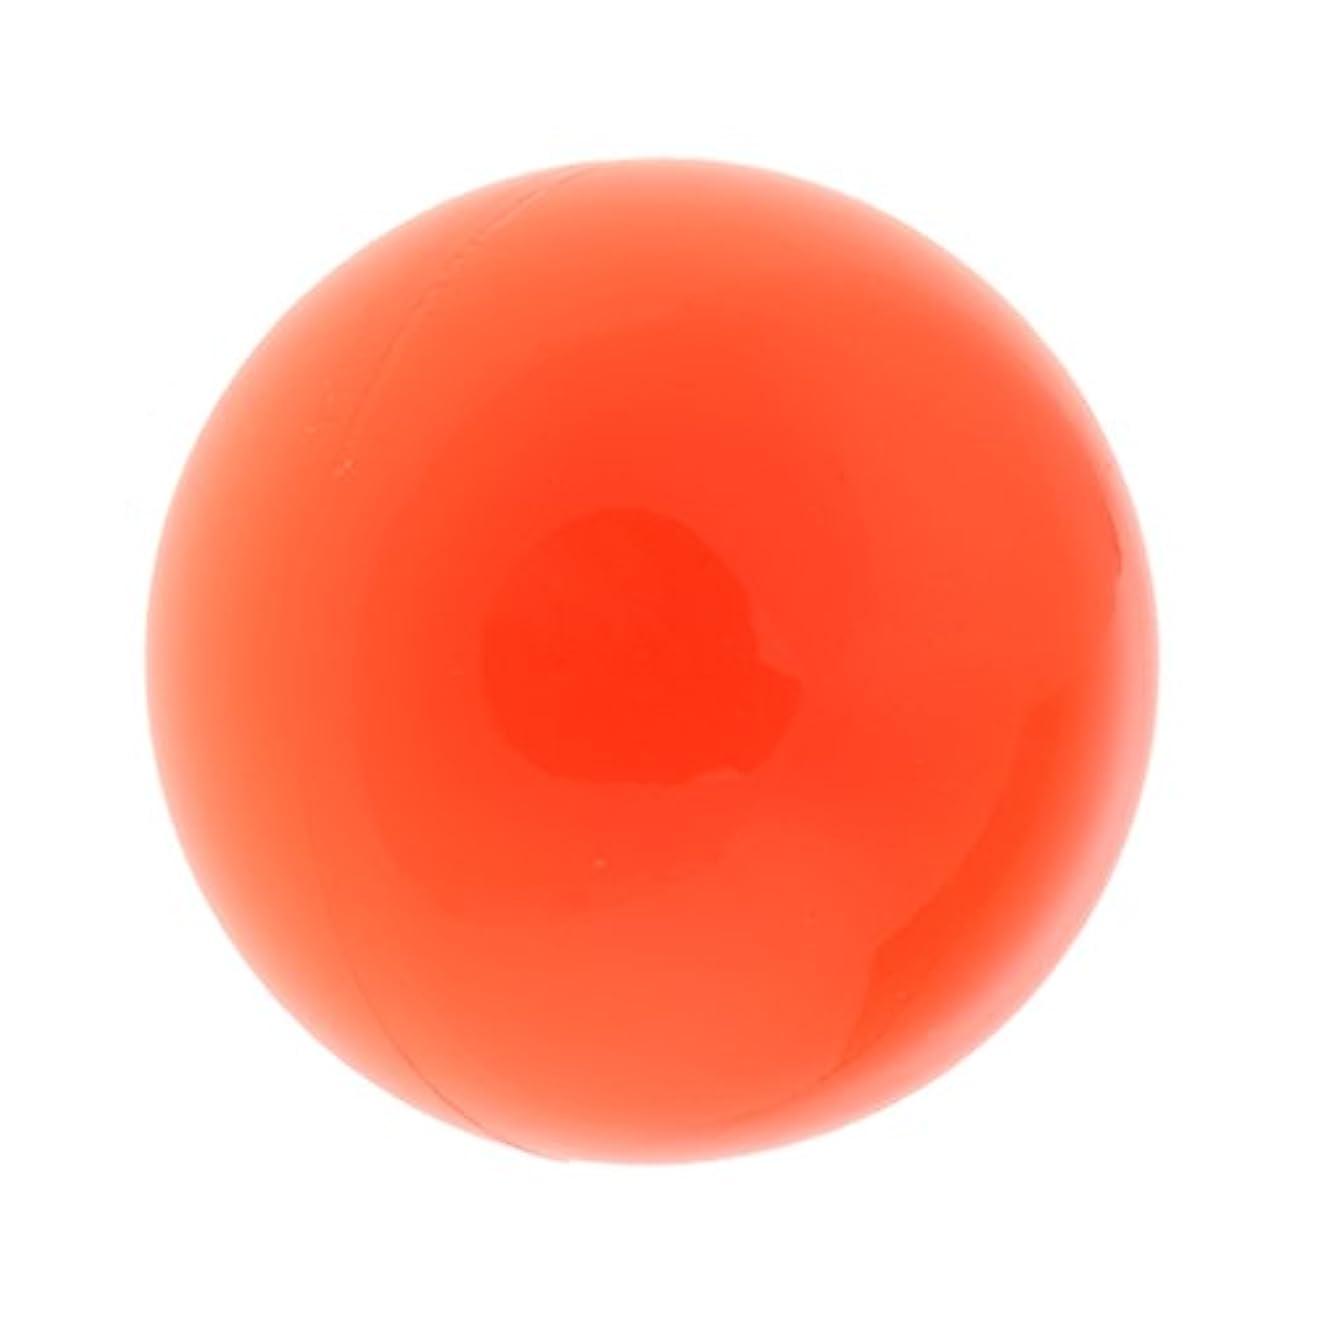 メタルライン冷淡なより良いマッサージボール エコフレンドリーPVC 74mm マッサージ ポイントマッサージ ボール ソフト トレーニング